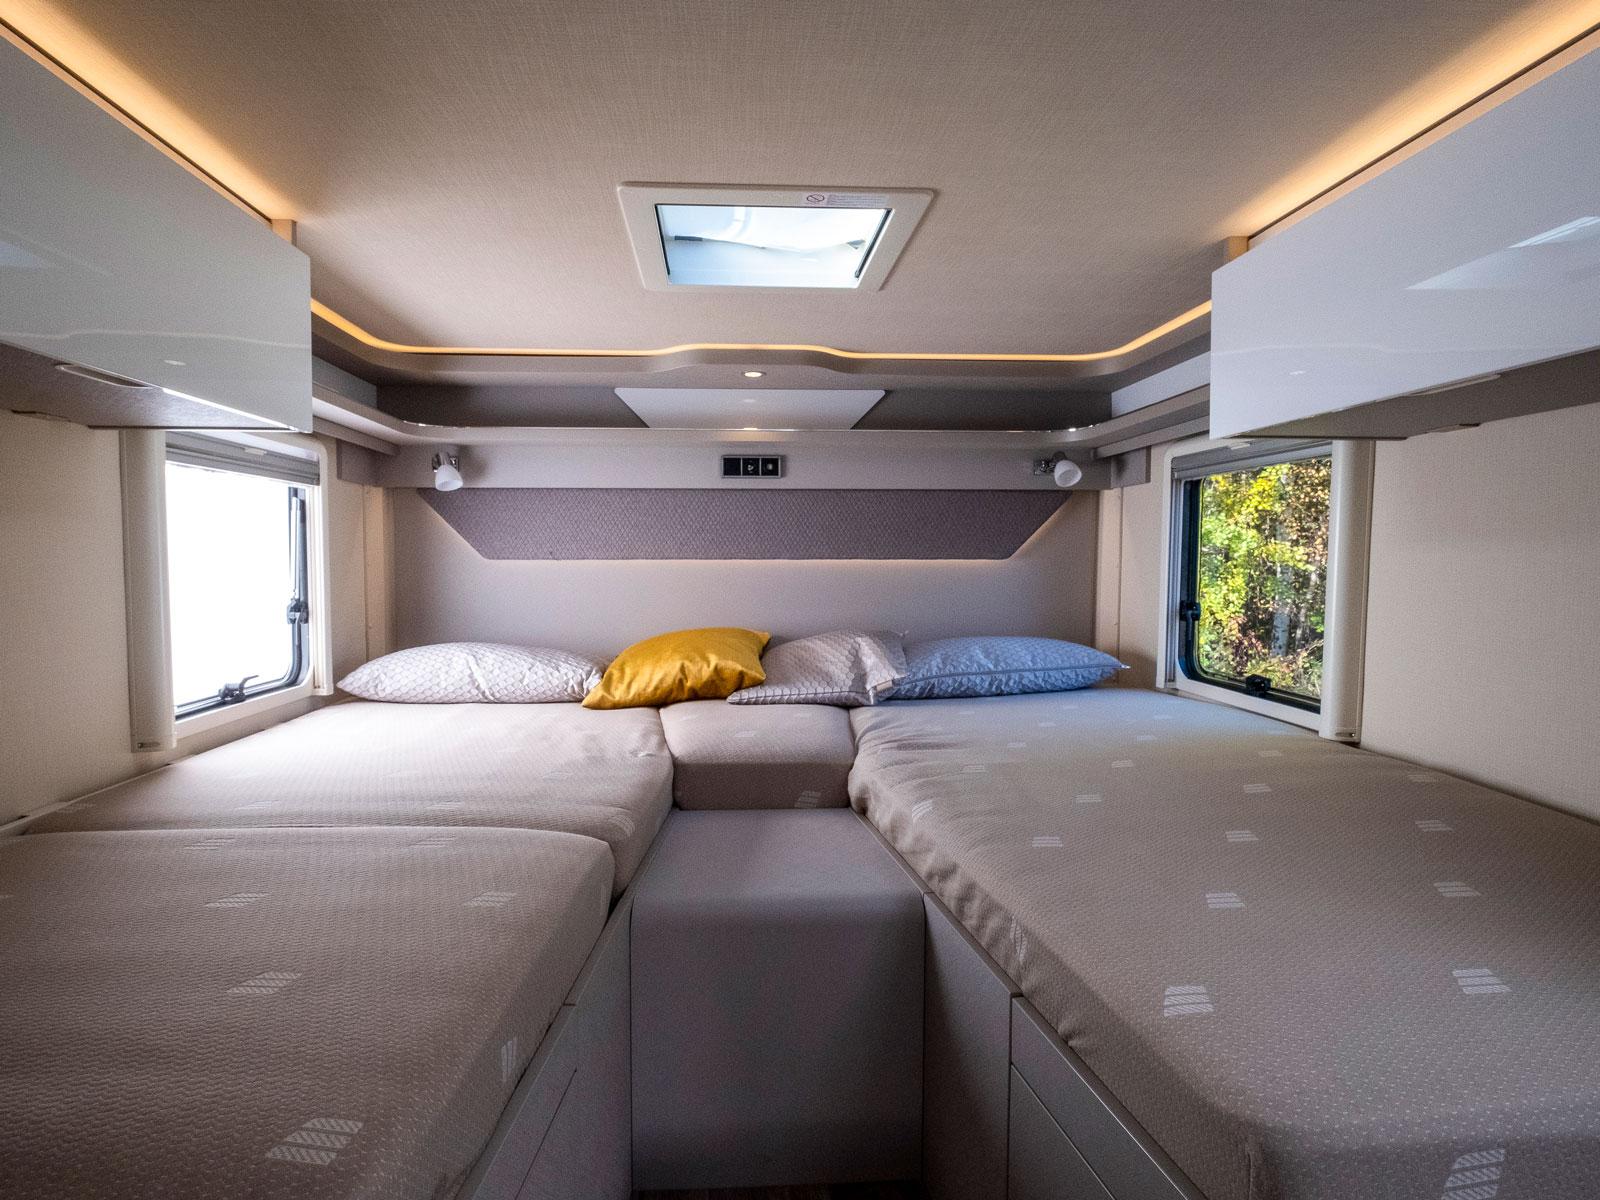 Snyggt och prydligt och varsitt fönster för de liggande.